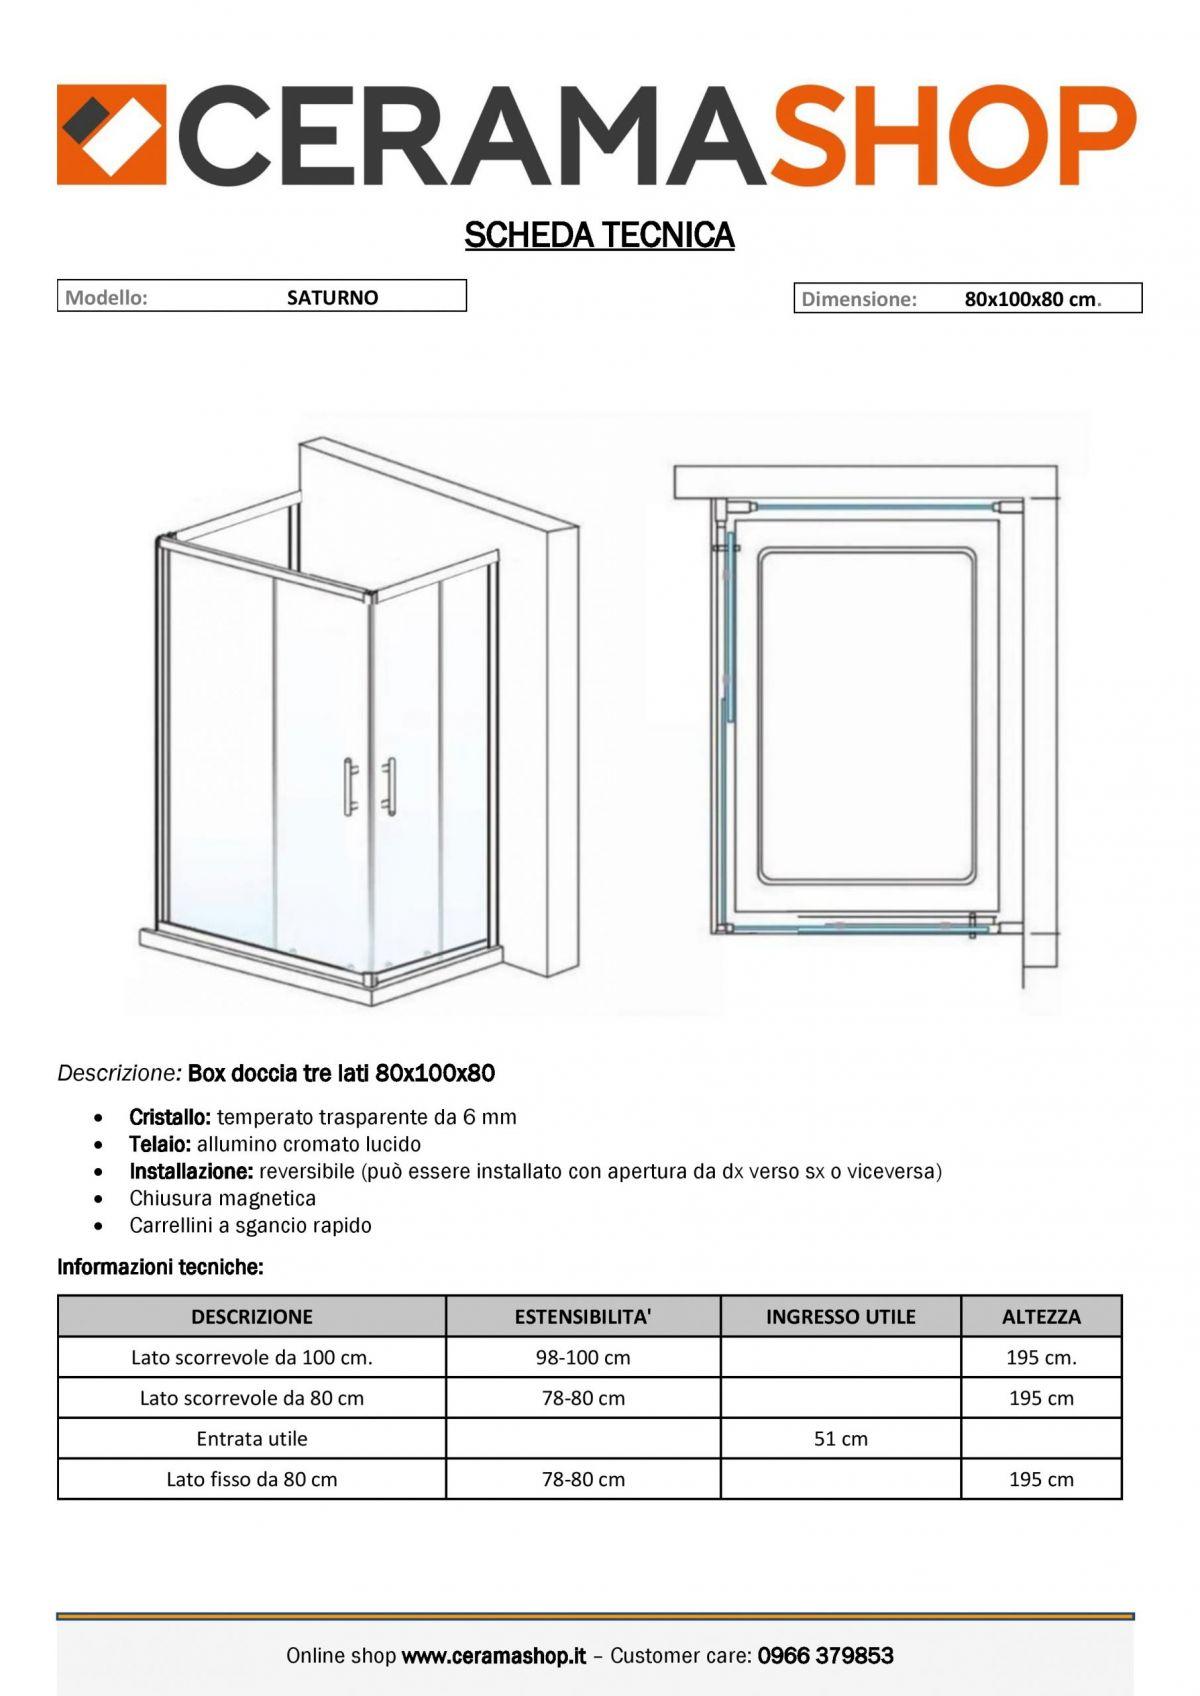 """80x100x80 0001 scaled Box doccia tre lati """"Saturno"""" 80x100x80 cm scorrevole cristallo trasparente 6 mm"""